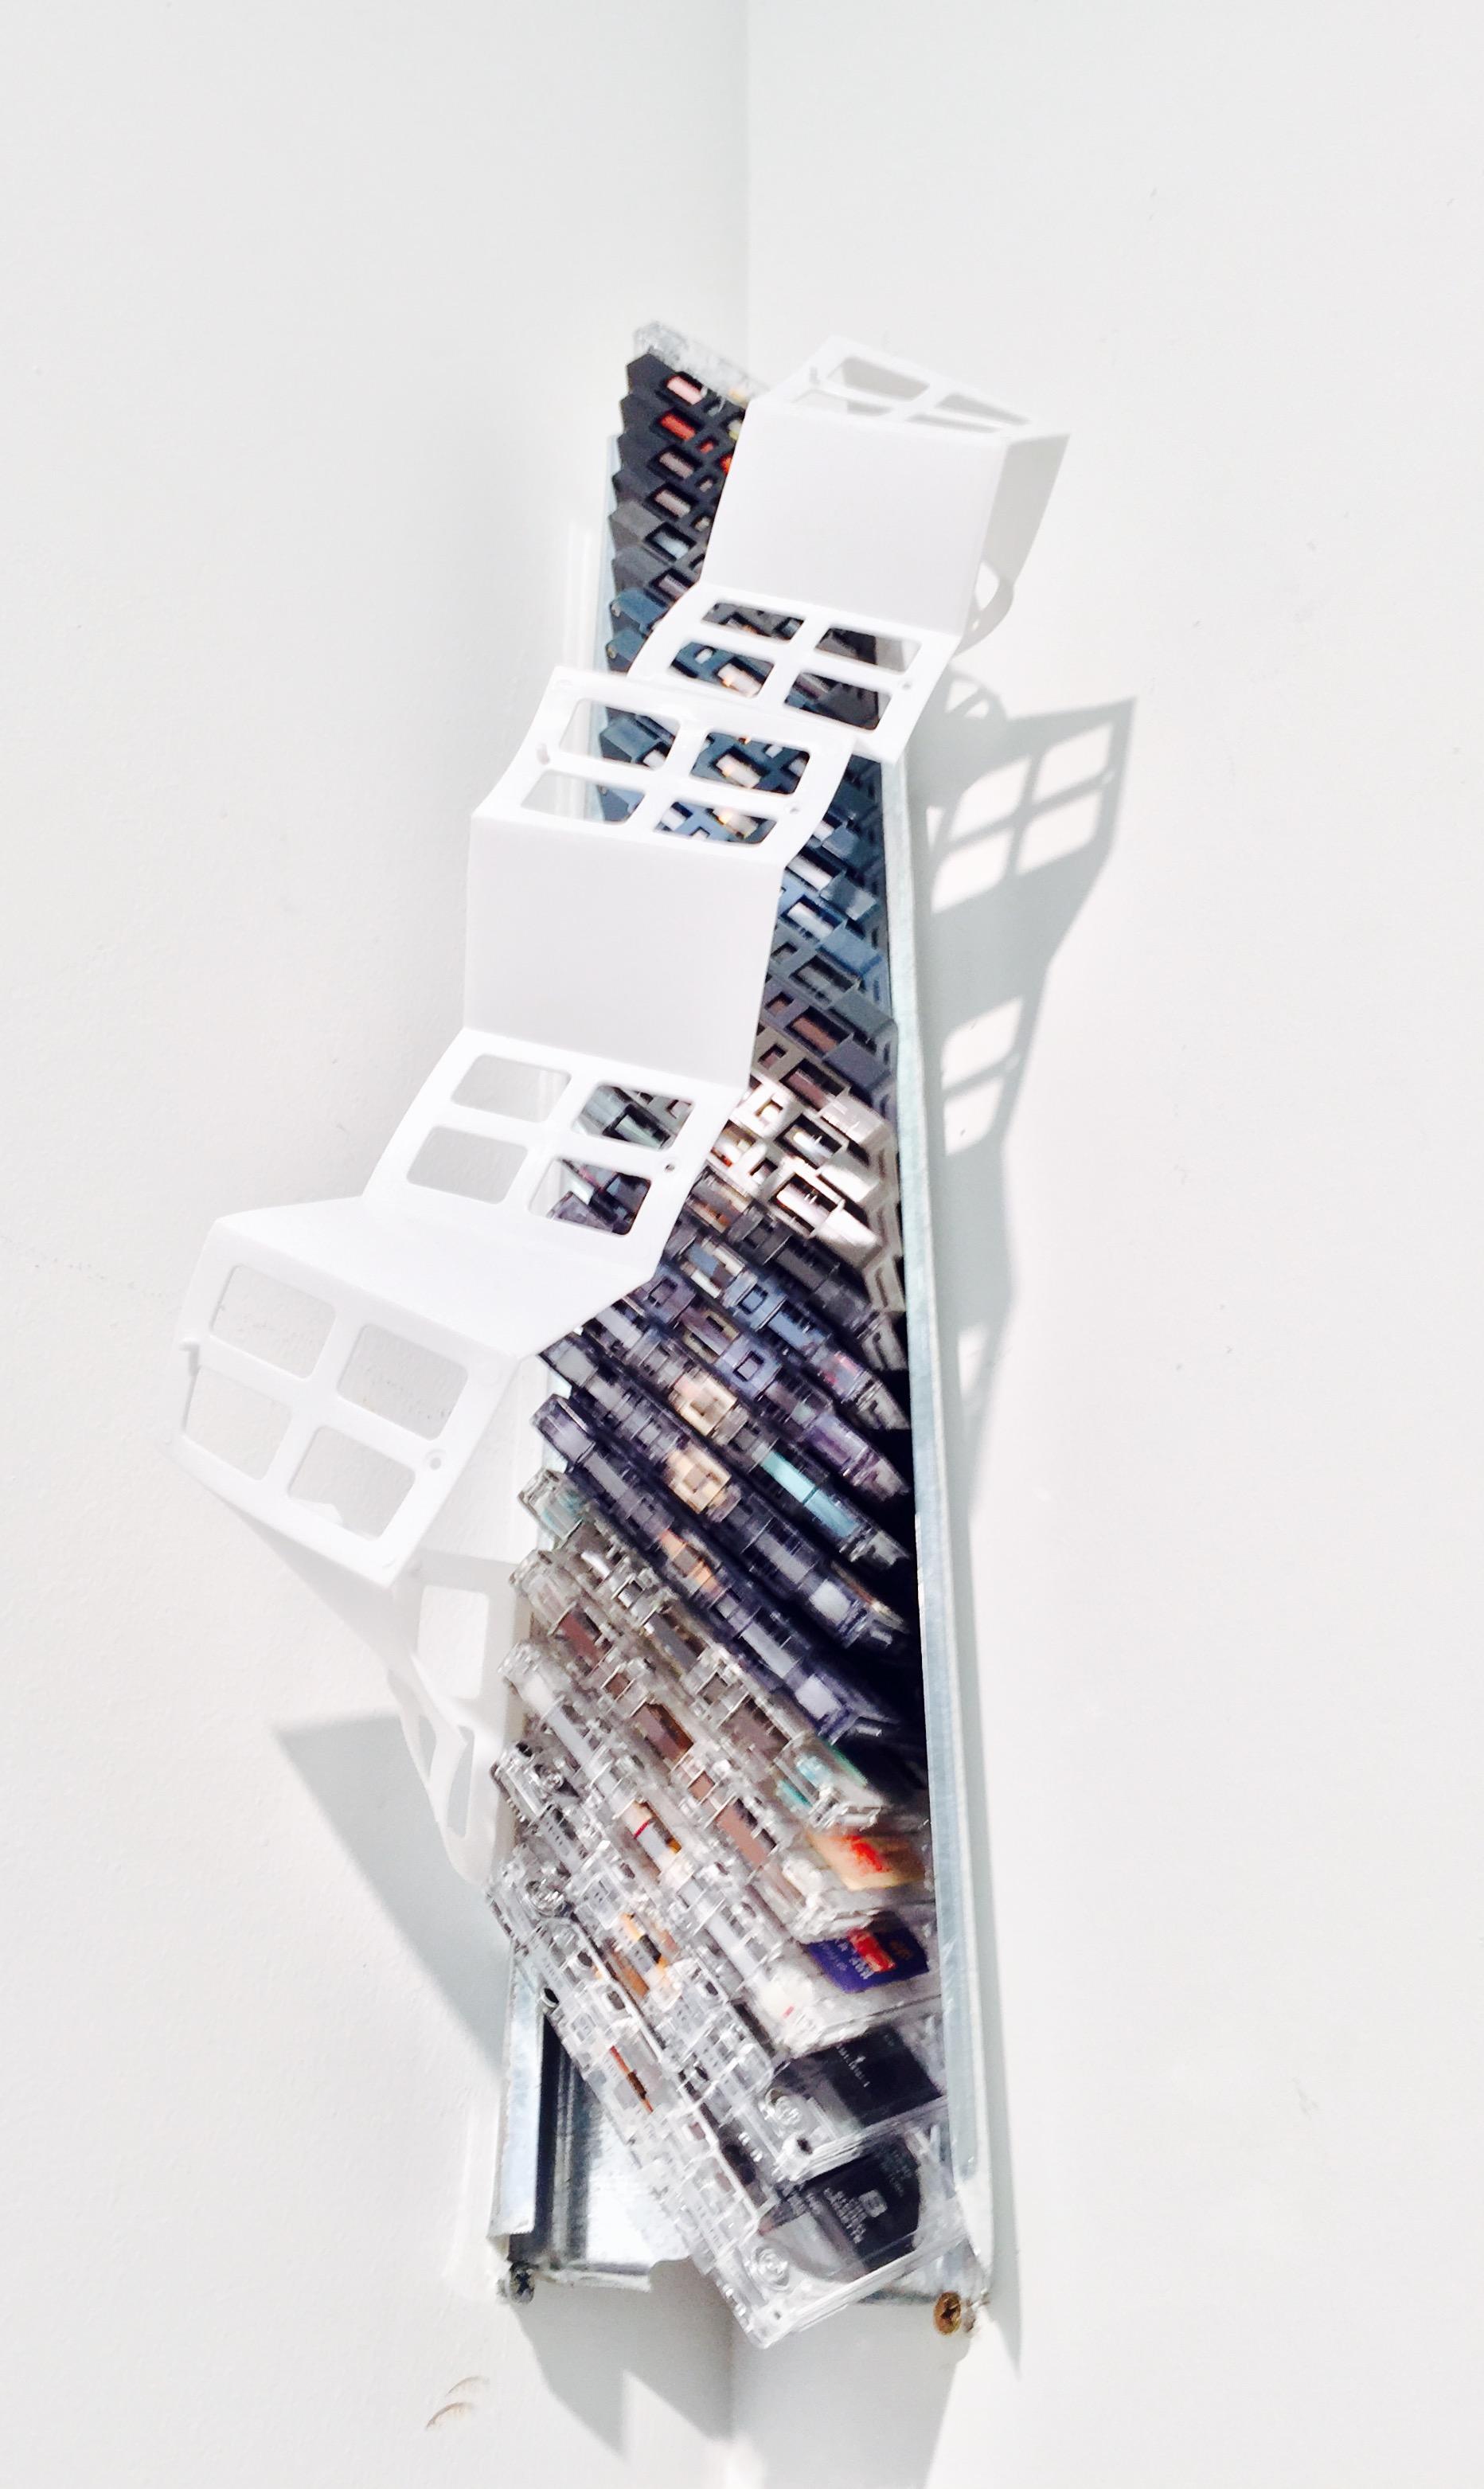 Memory's DNA    Cassette tape, aluminium ventilation ducting, found plastic  21 3/8 x 8 x 5 inches  2018